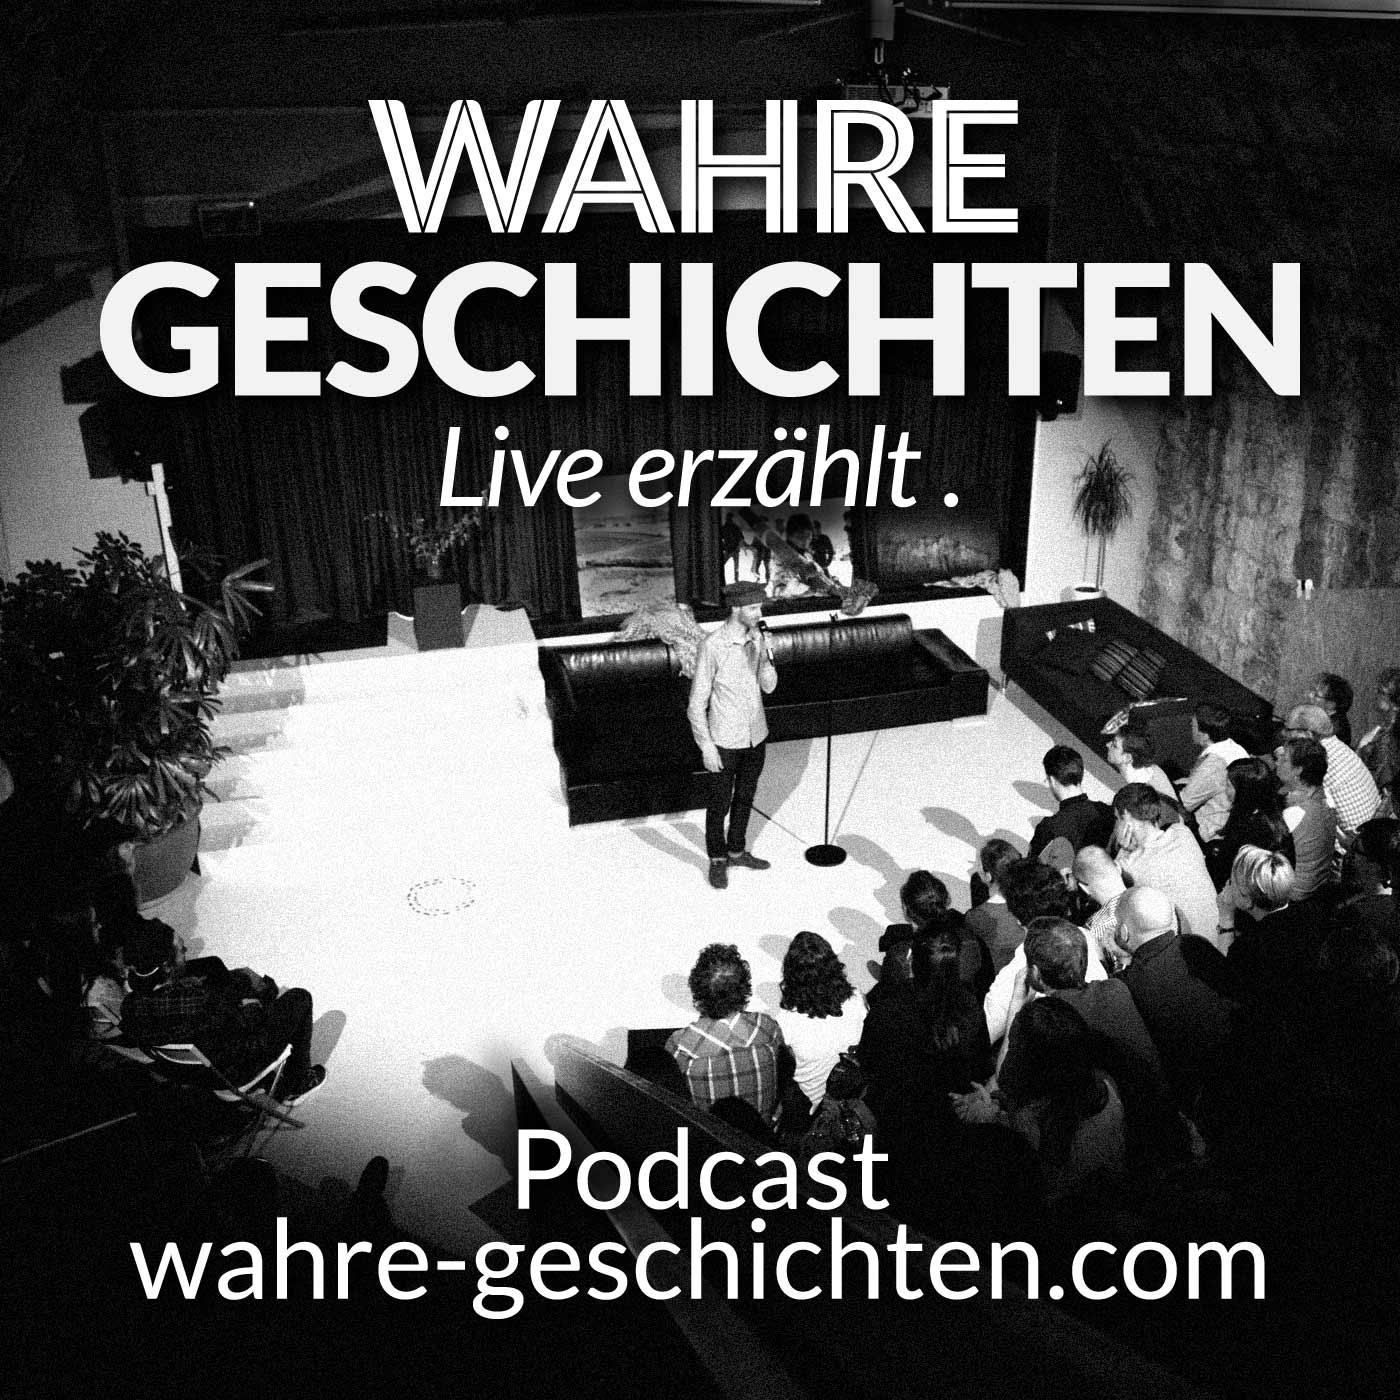 Wahre-Geschichten-Podcast-Cover-v01-fka-klein.jpg